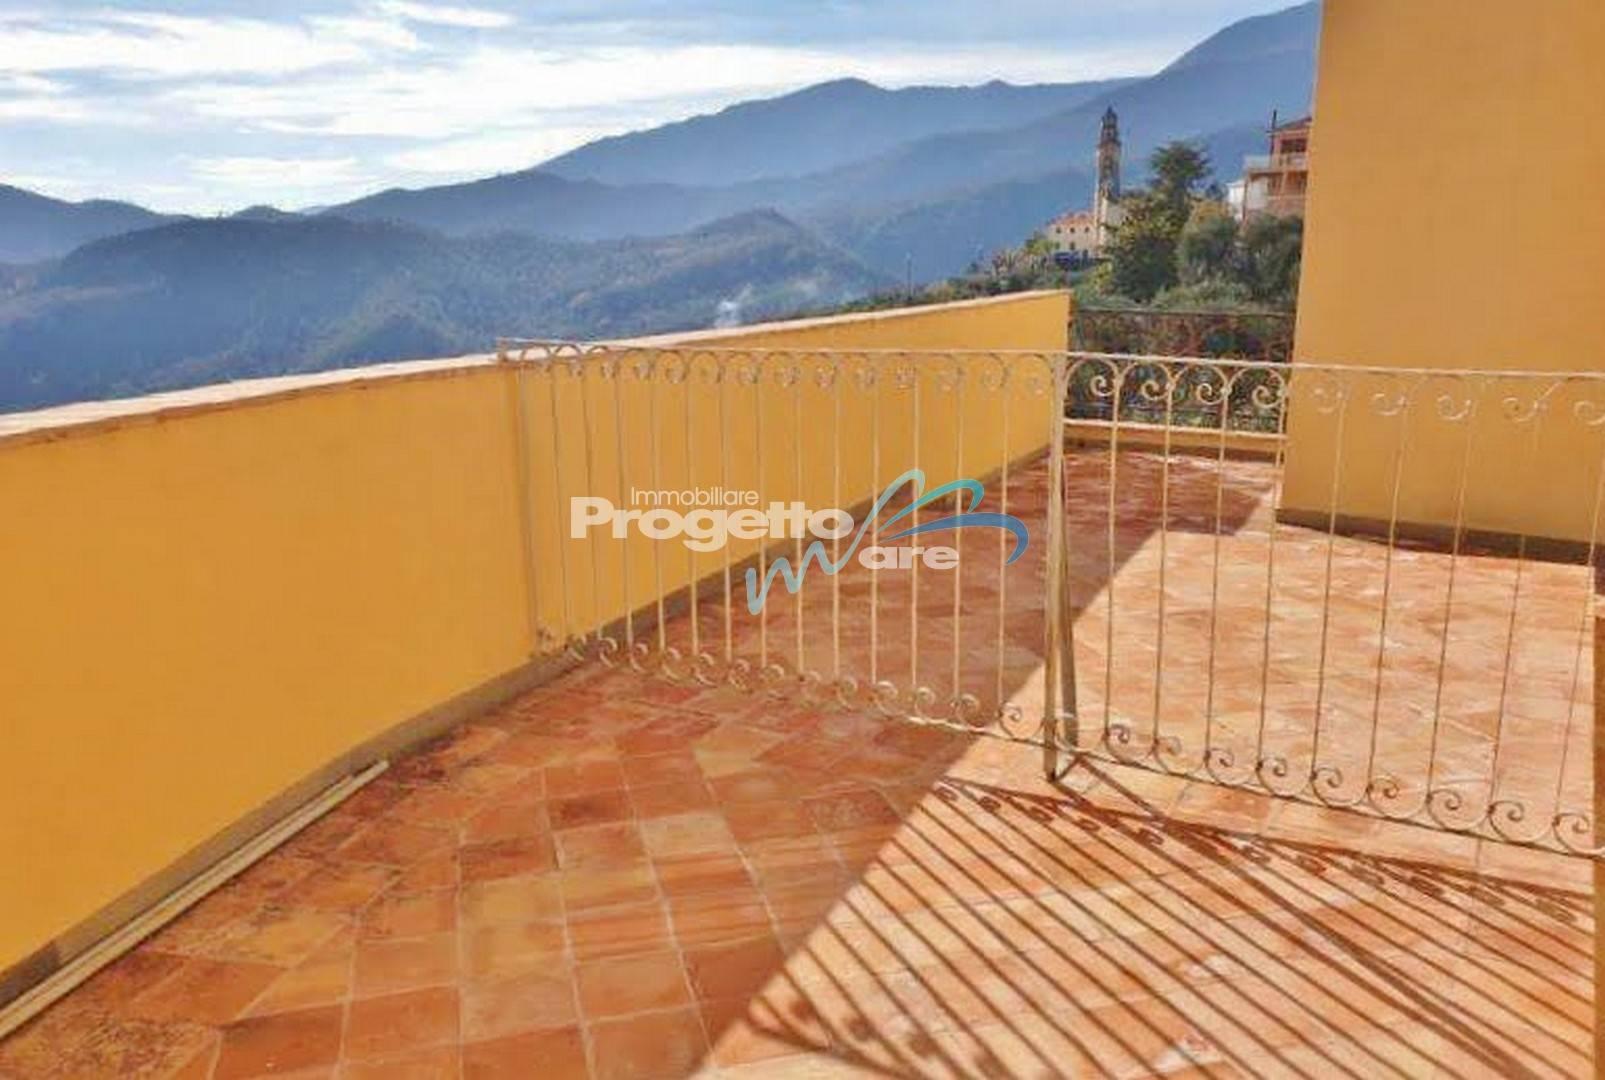 Appartamento in vendita a Tovo San Giacomo, 2 locali, prezzo € 155.000 | PortaleAgenzieImmobiliari.it